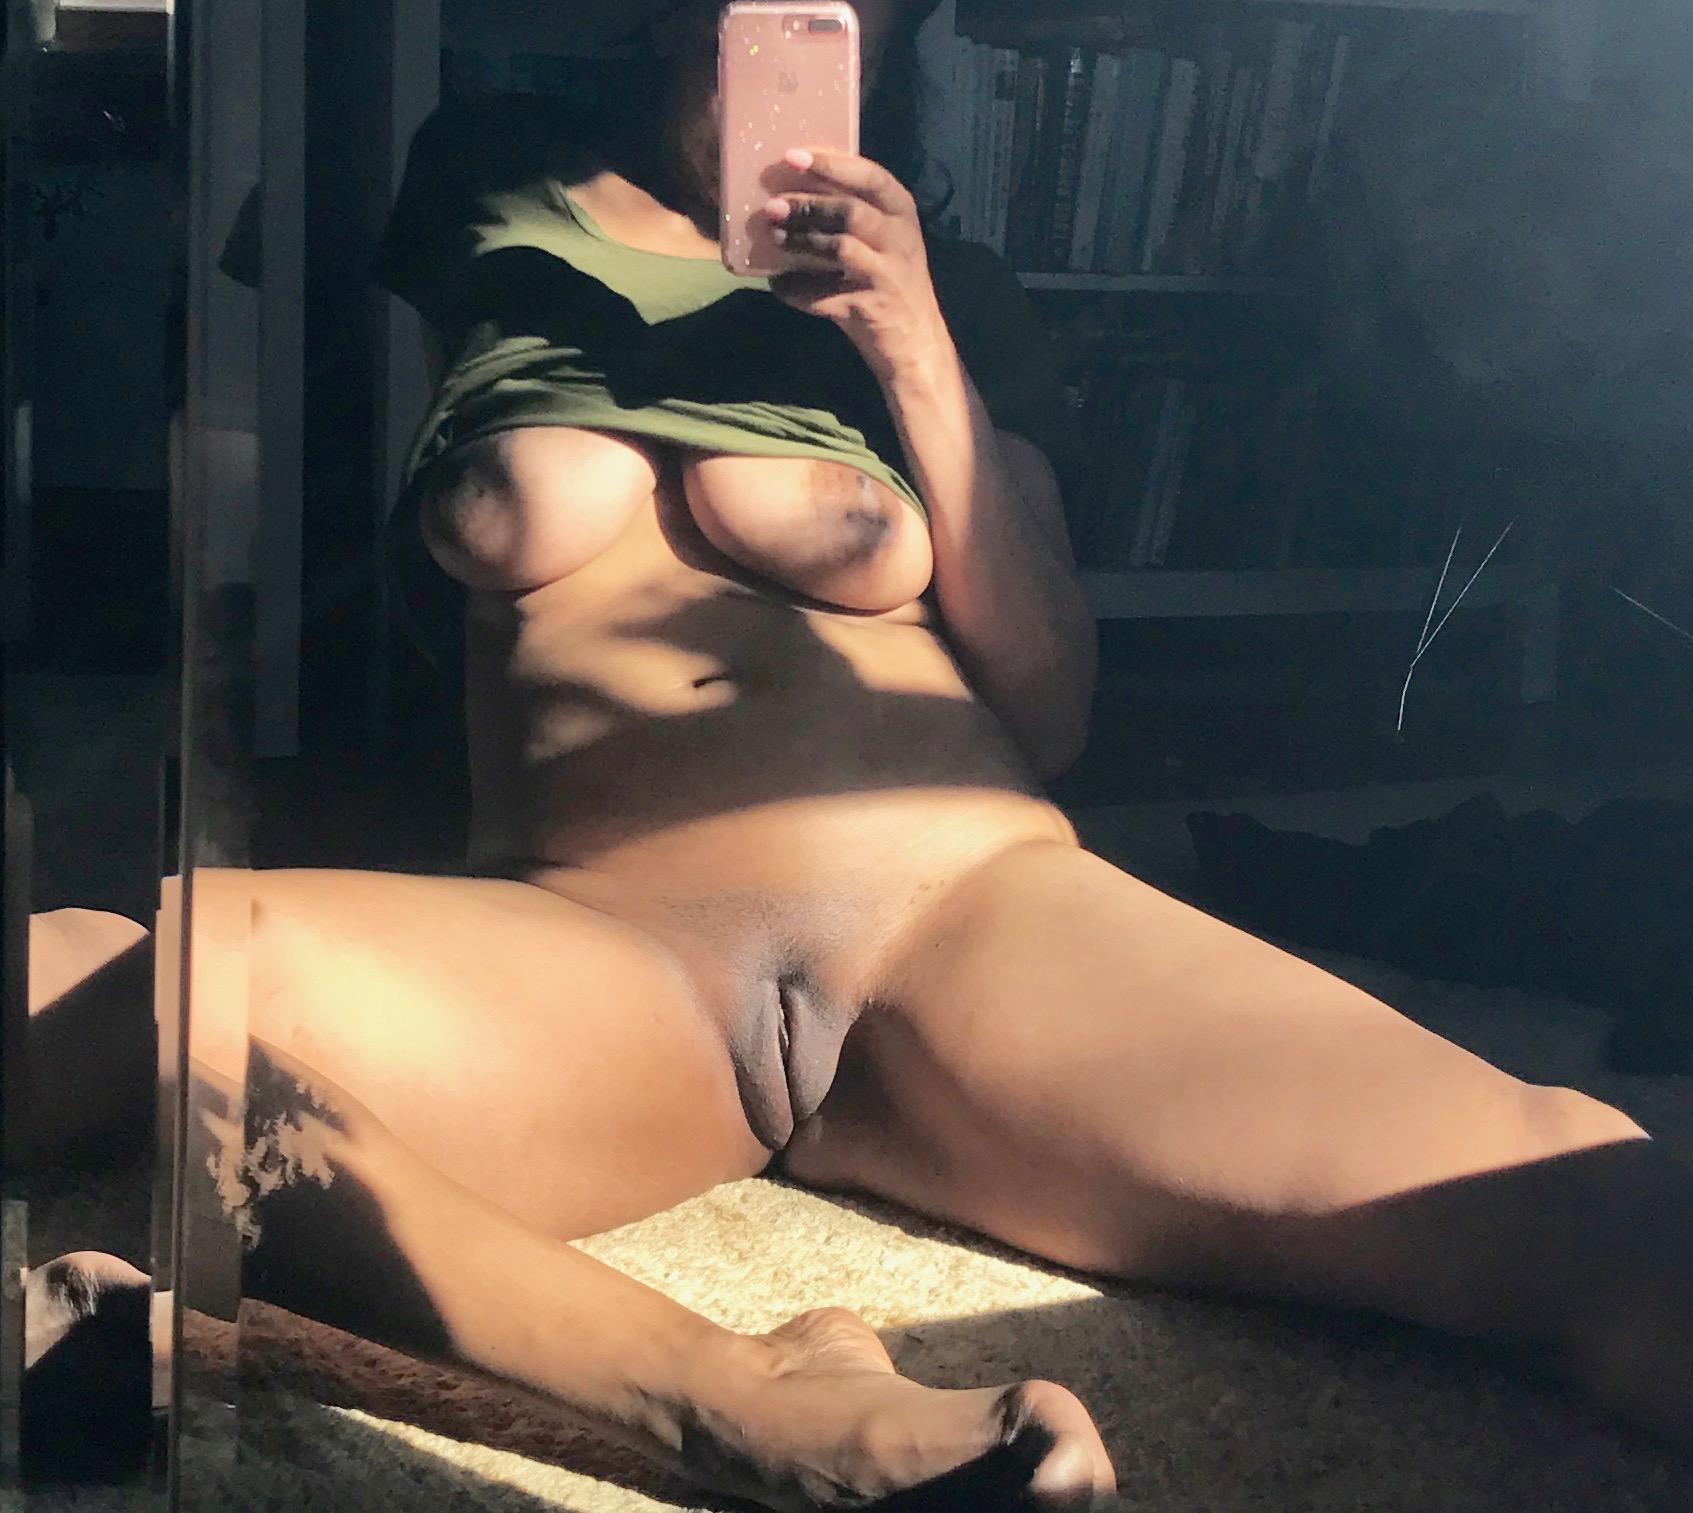 Бритые пилотки домашних девушек в разных позах секс фото и порно фото